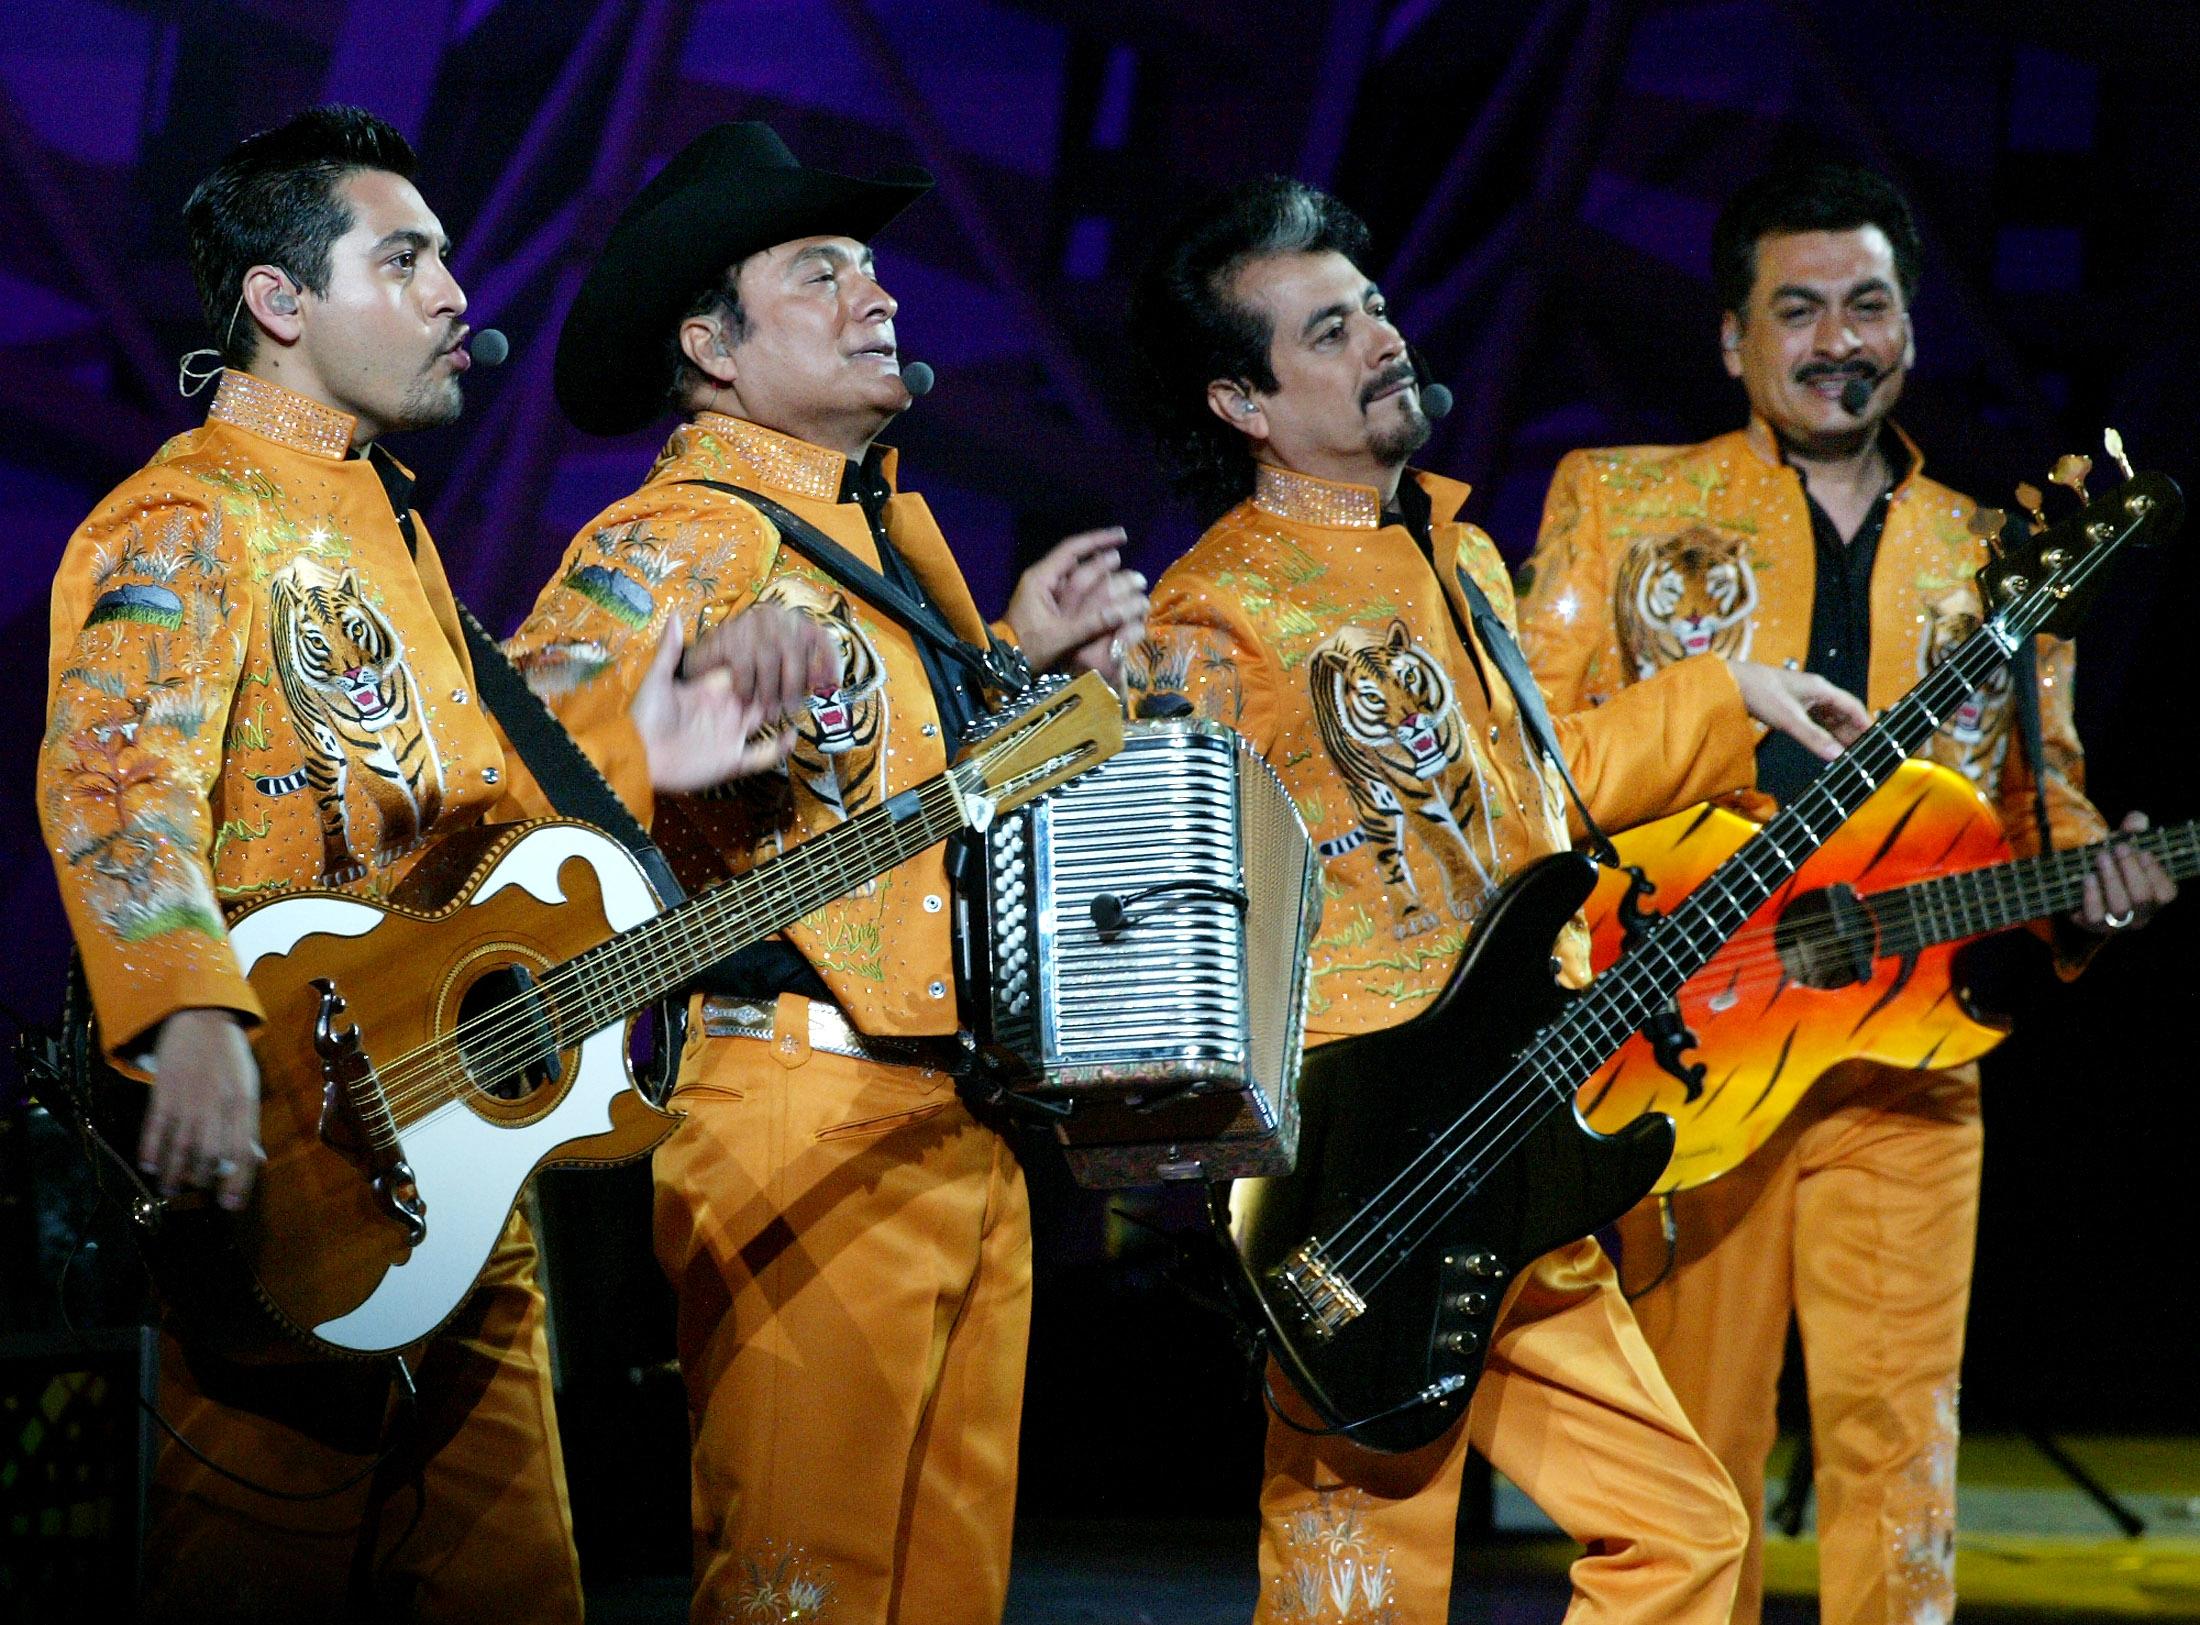 (Foto: Latin Times)